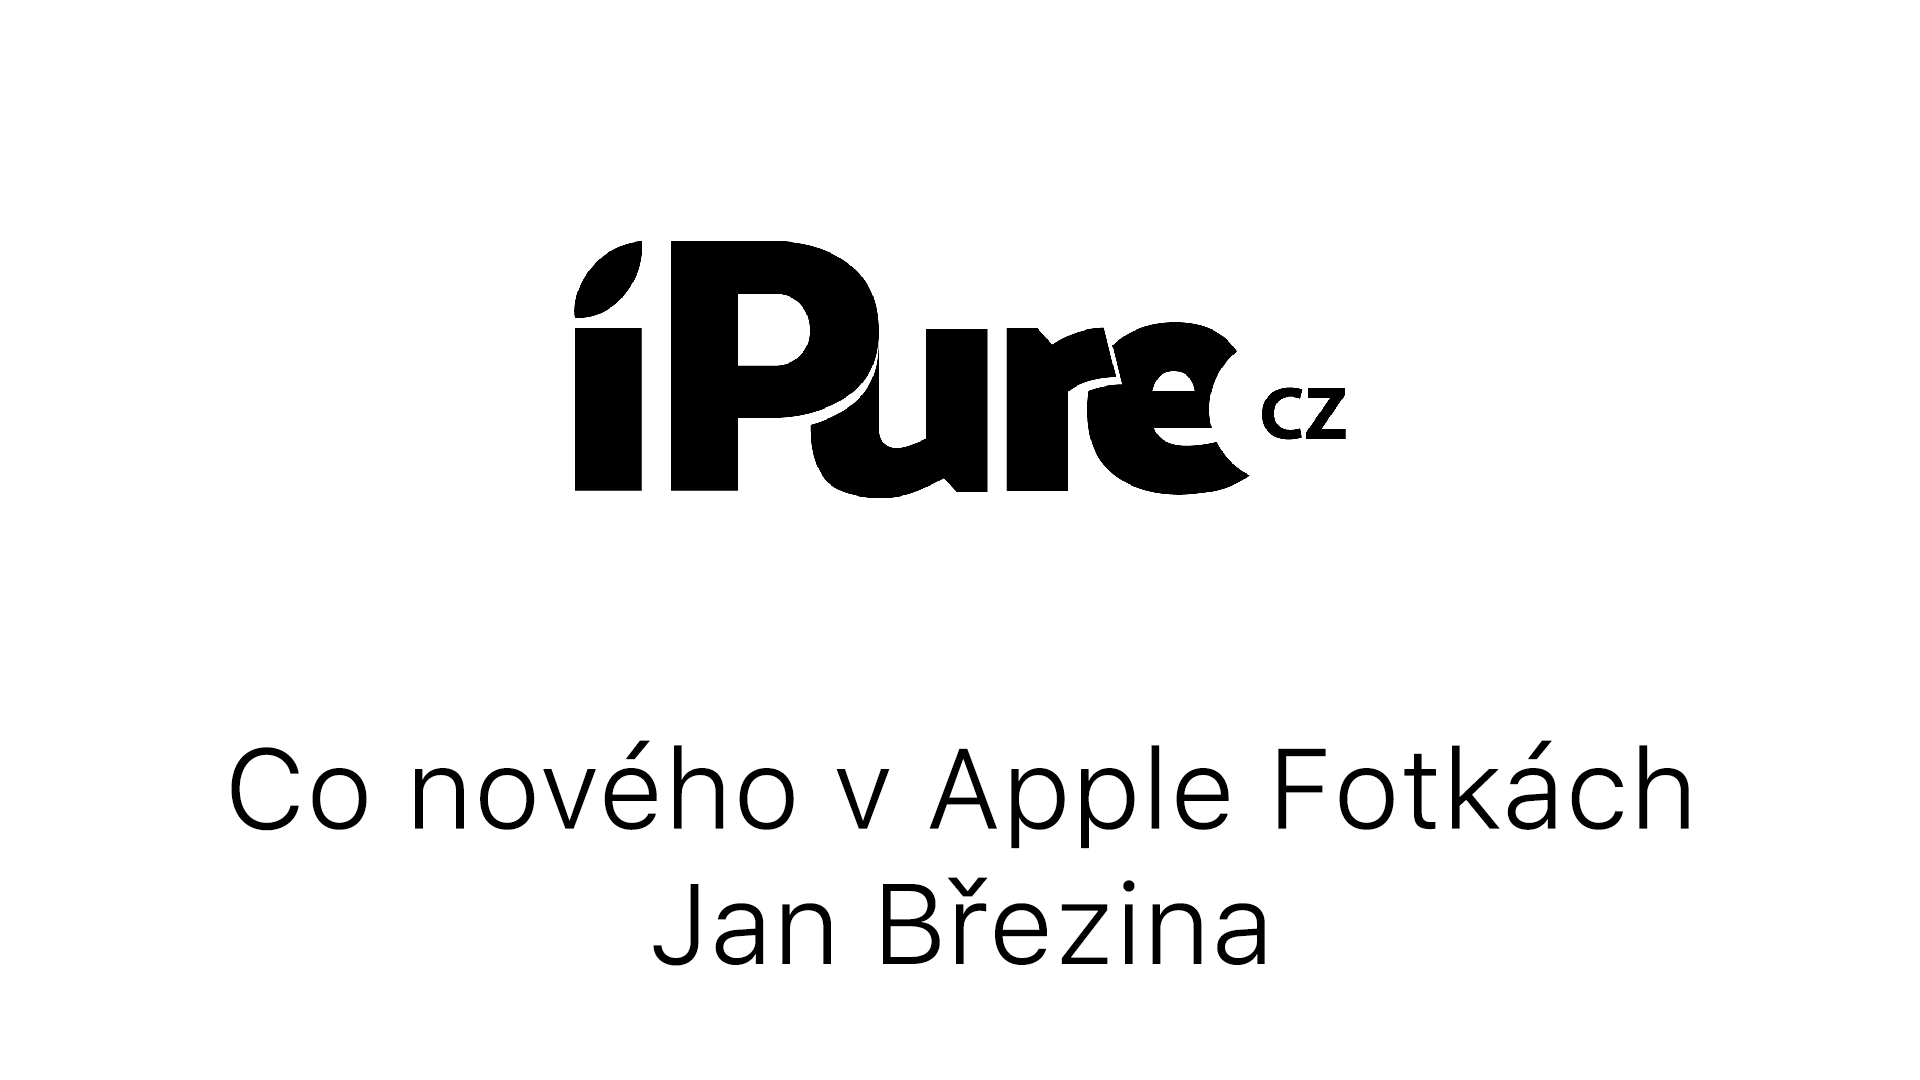 Co nového v Apple Fotkách